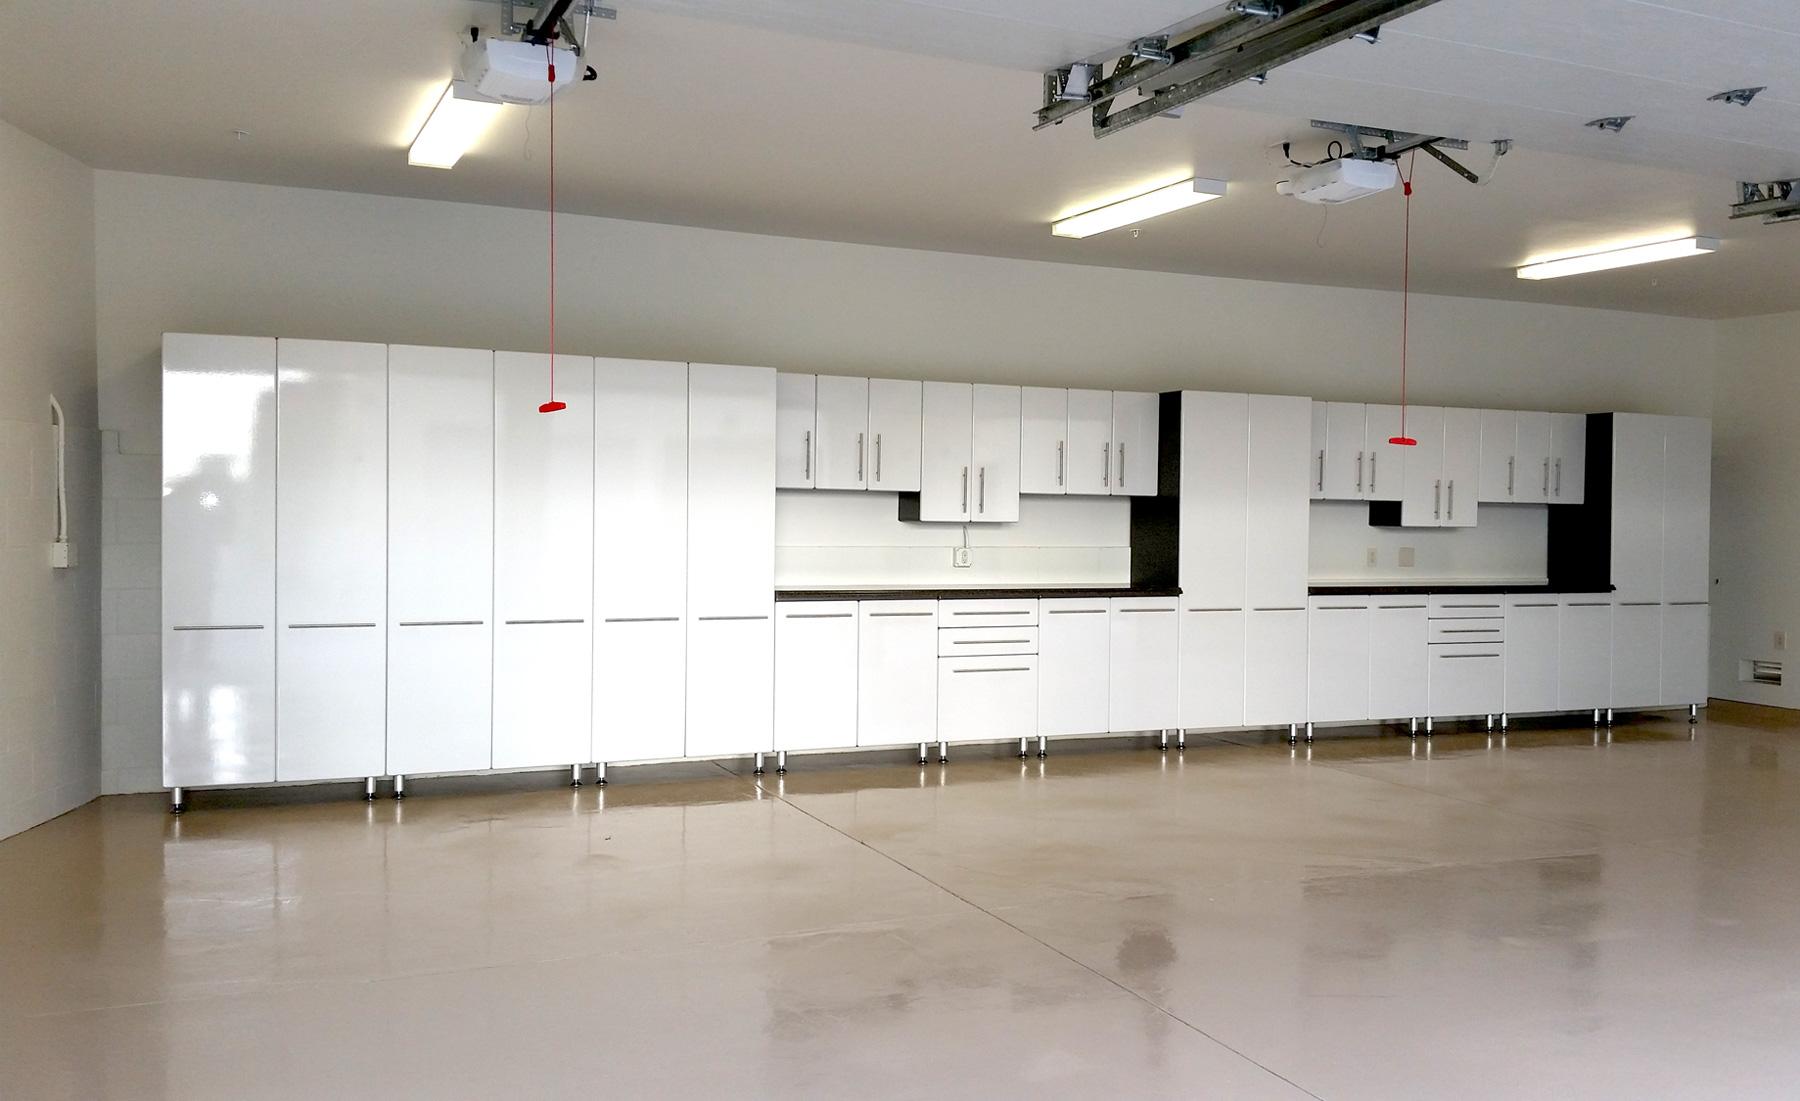 Bon Large Garage Organization System With Epoxy Coated Floors